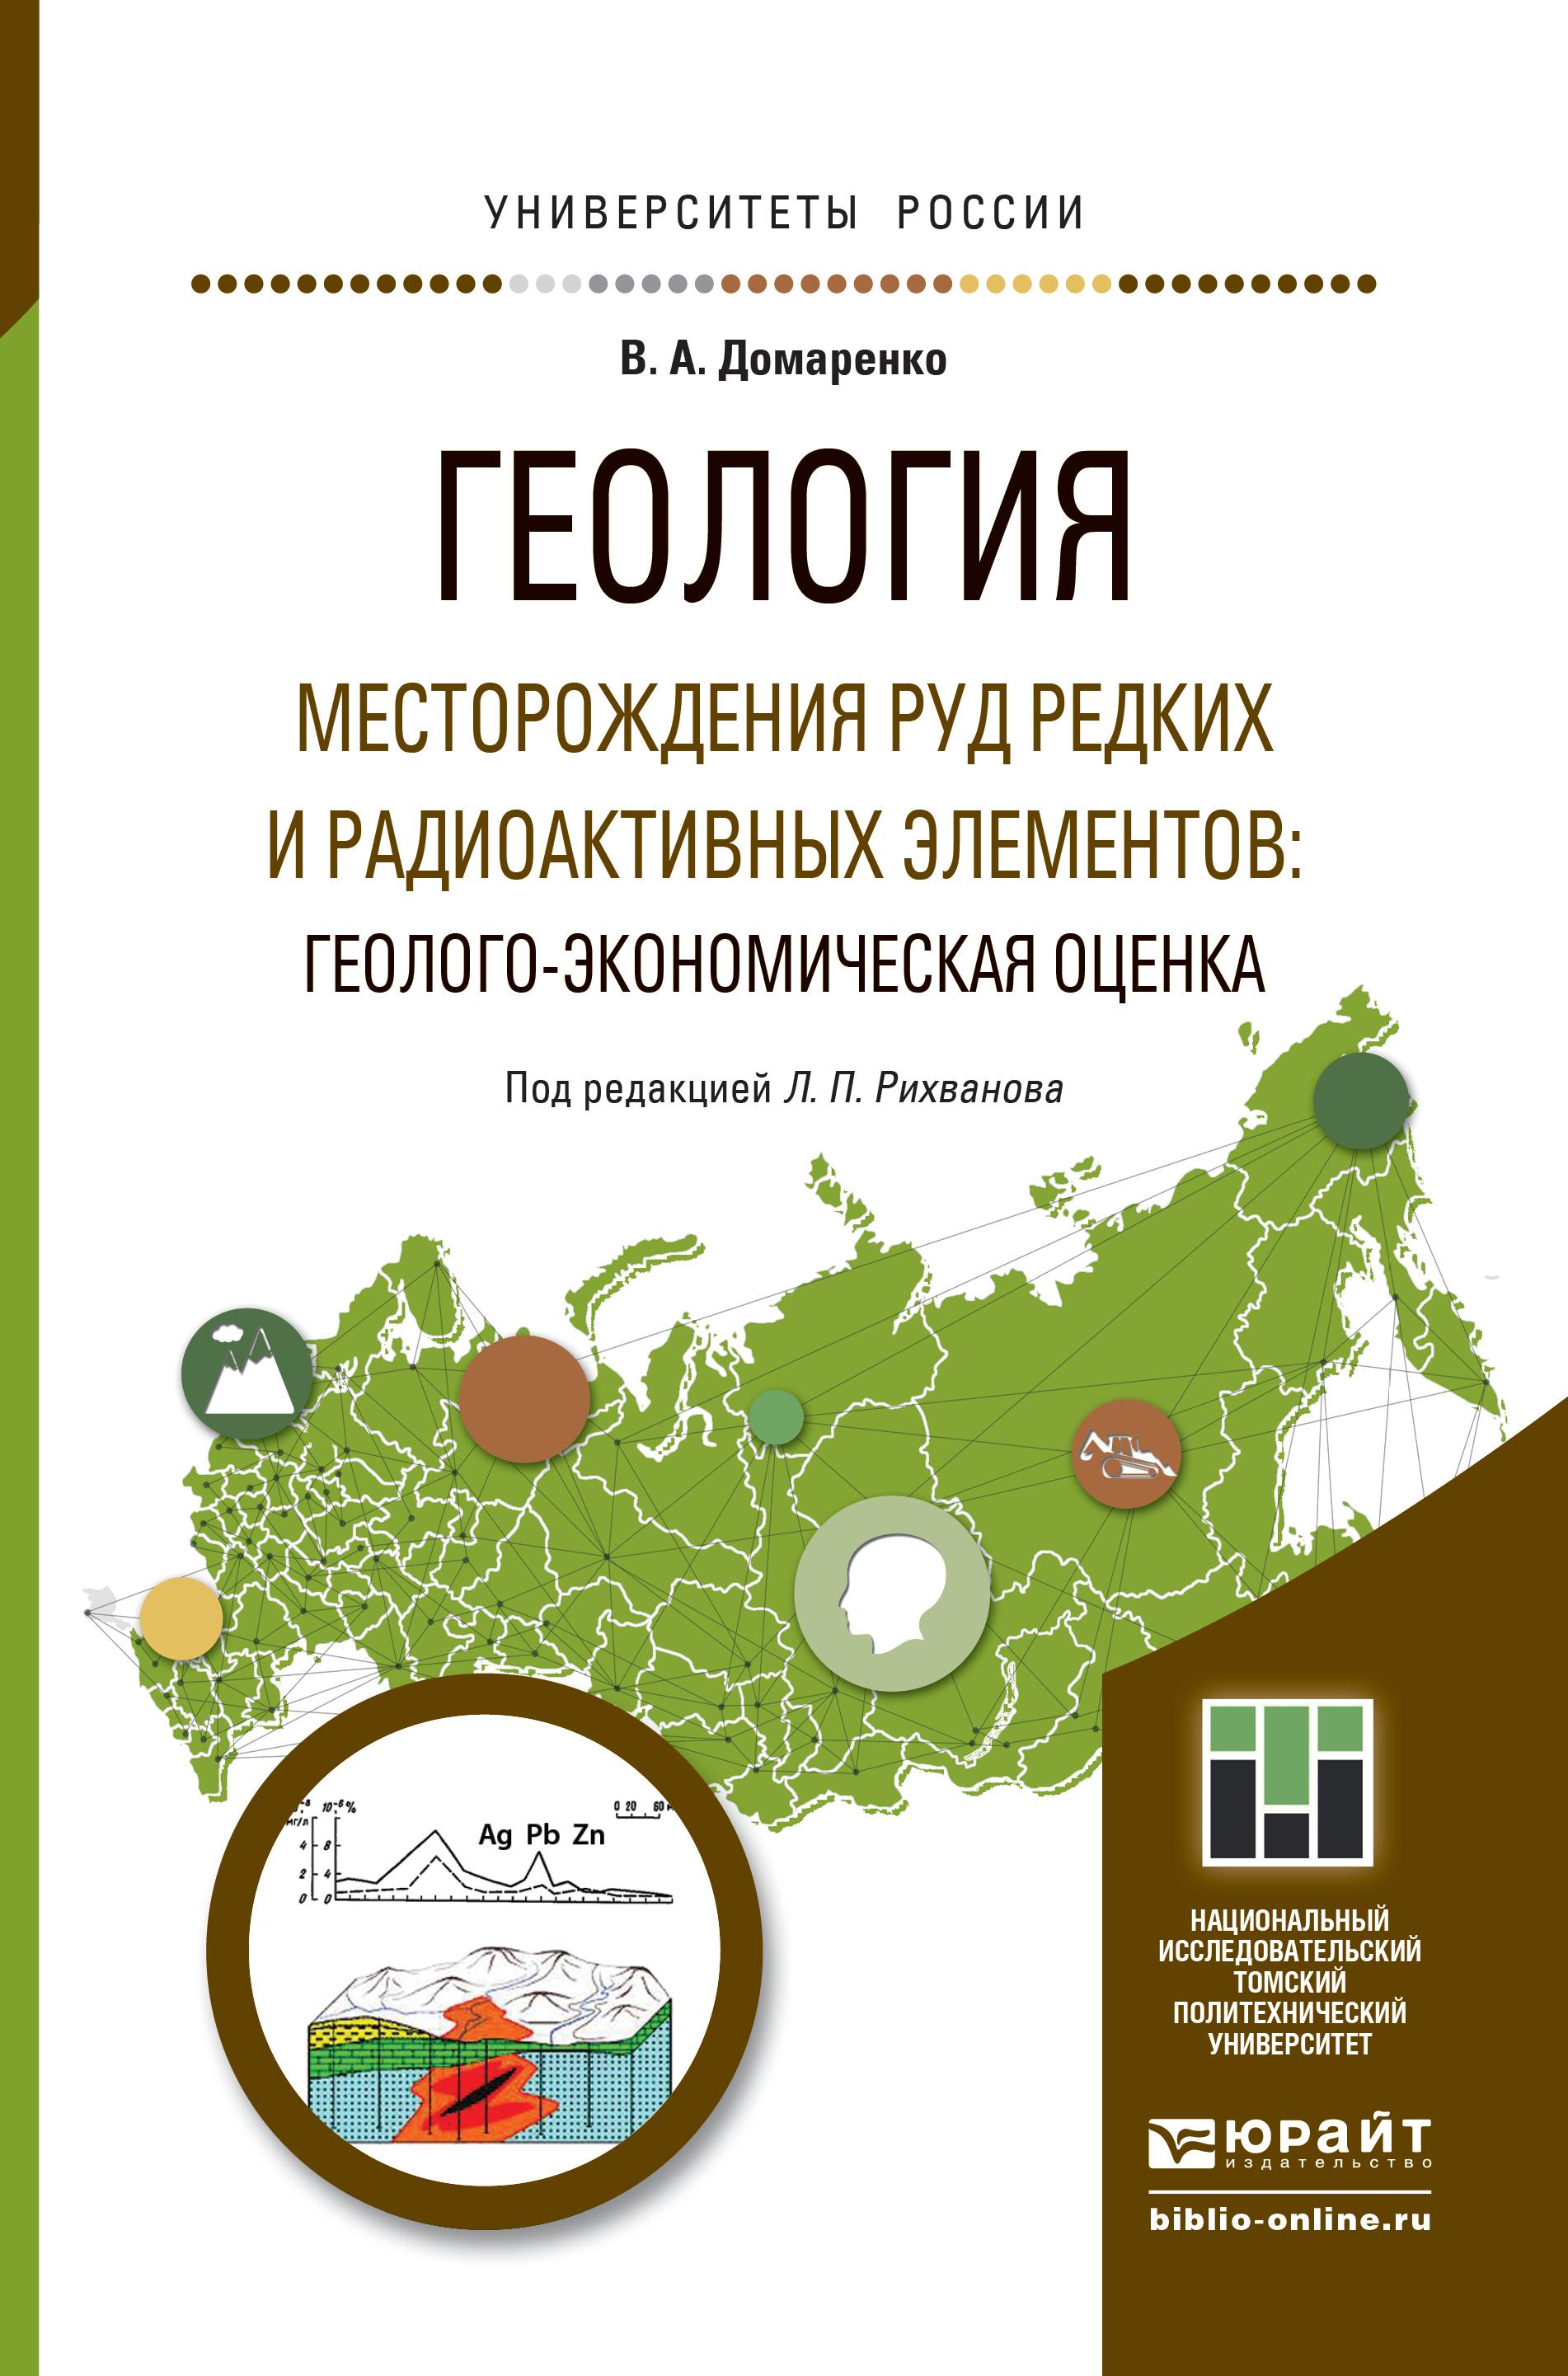 Геология. Месторождения руд редких и радиоактивных элементов: геолого-экономическая оценка. Учебное пособие для магистратуры